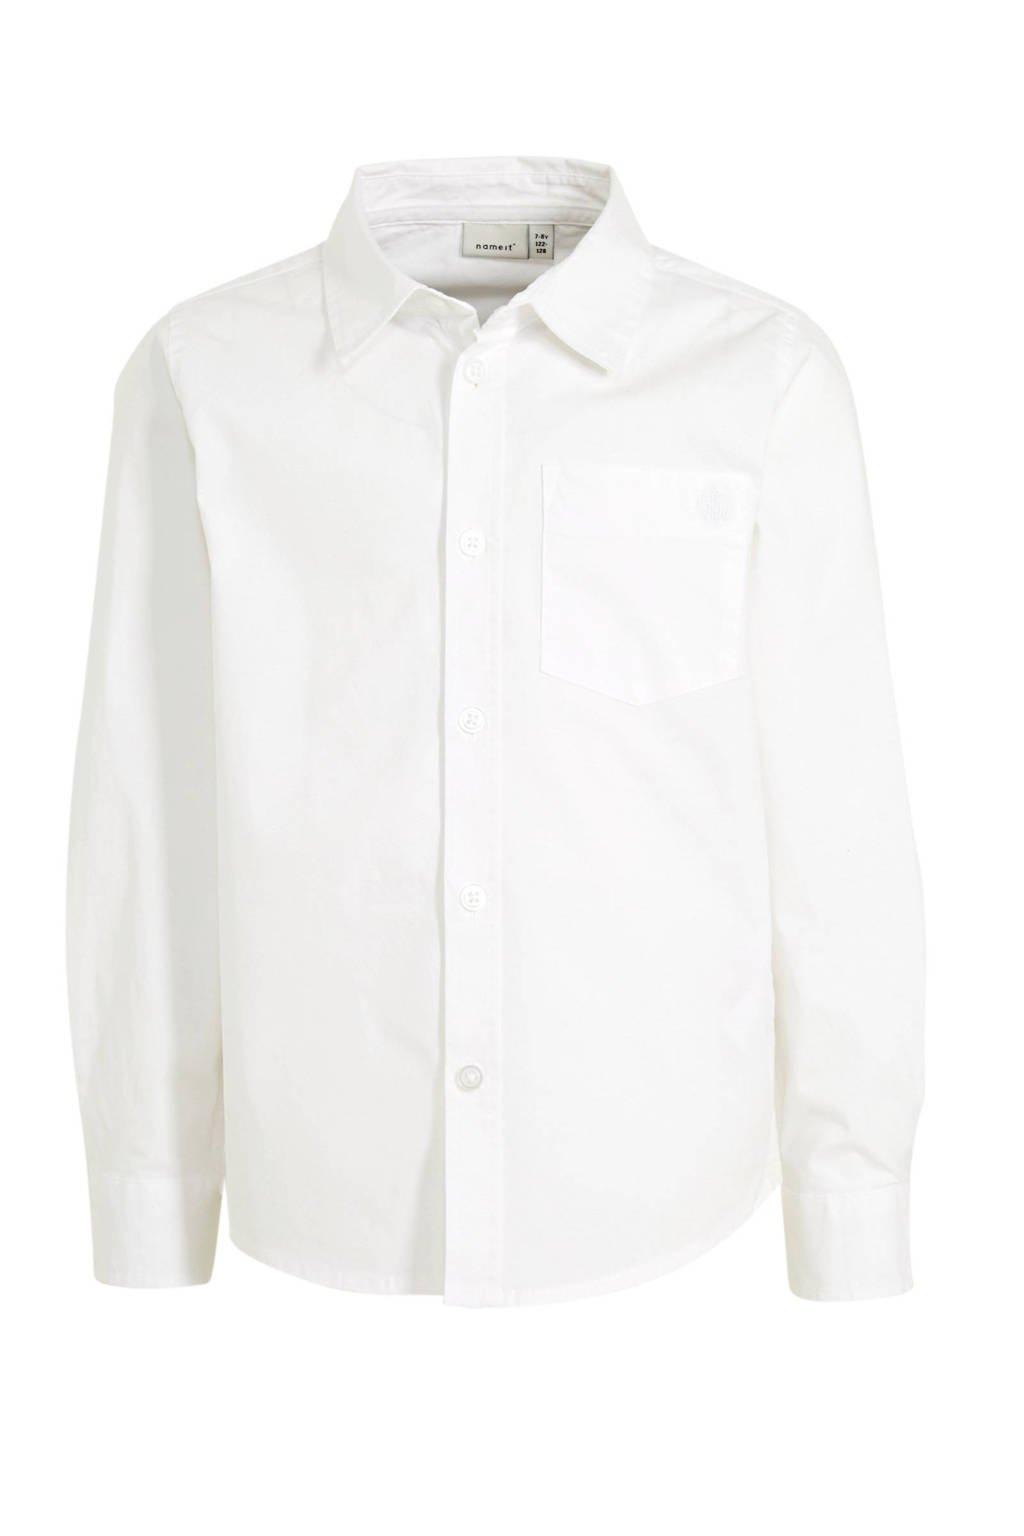 NAME IT KIDS overhemd Raul met biologisch katoen wit, Wit